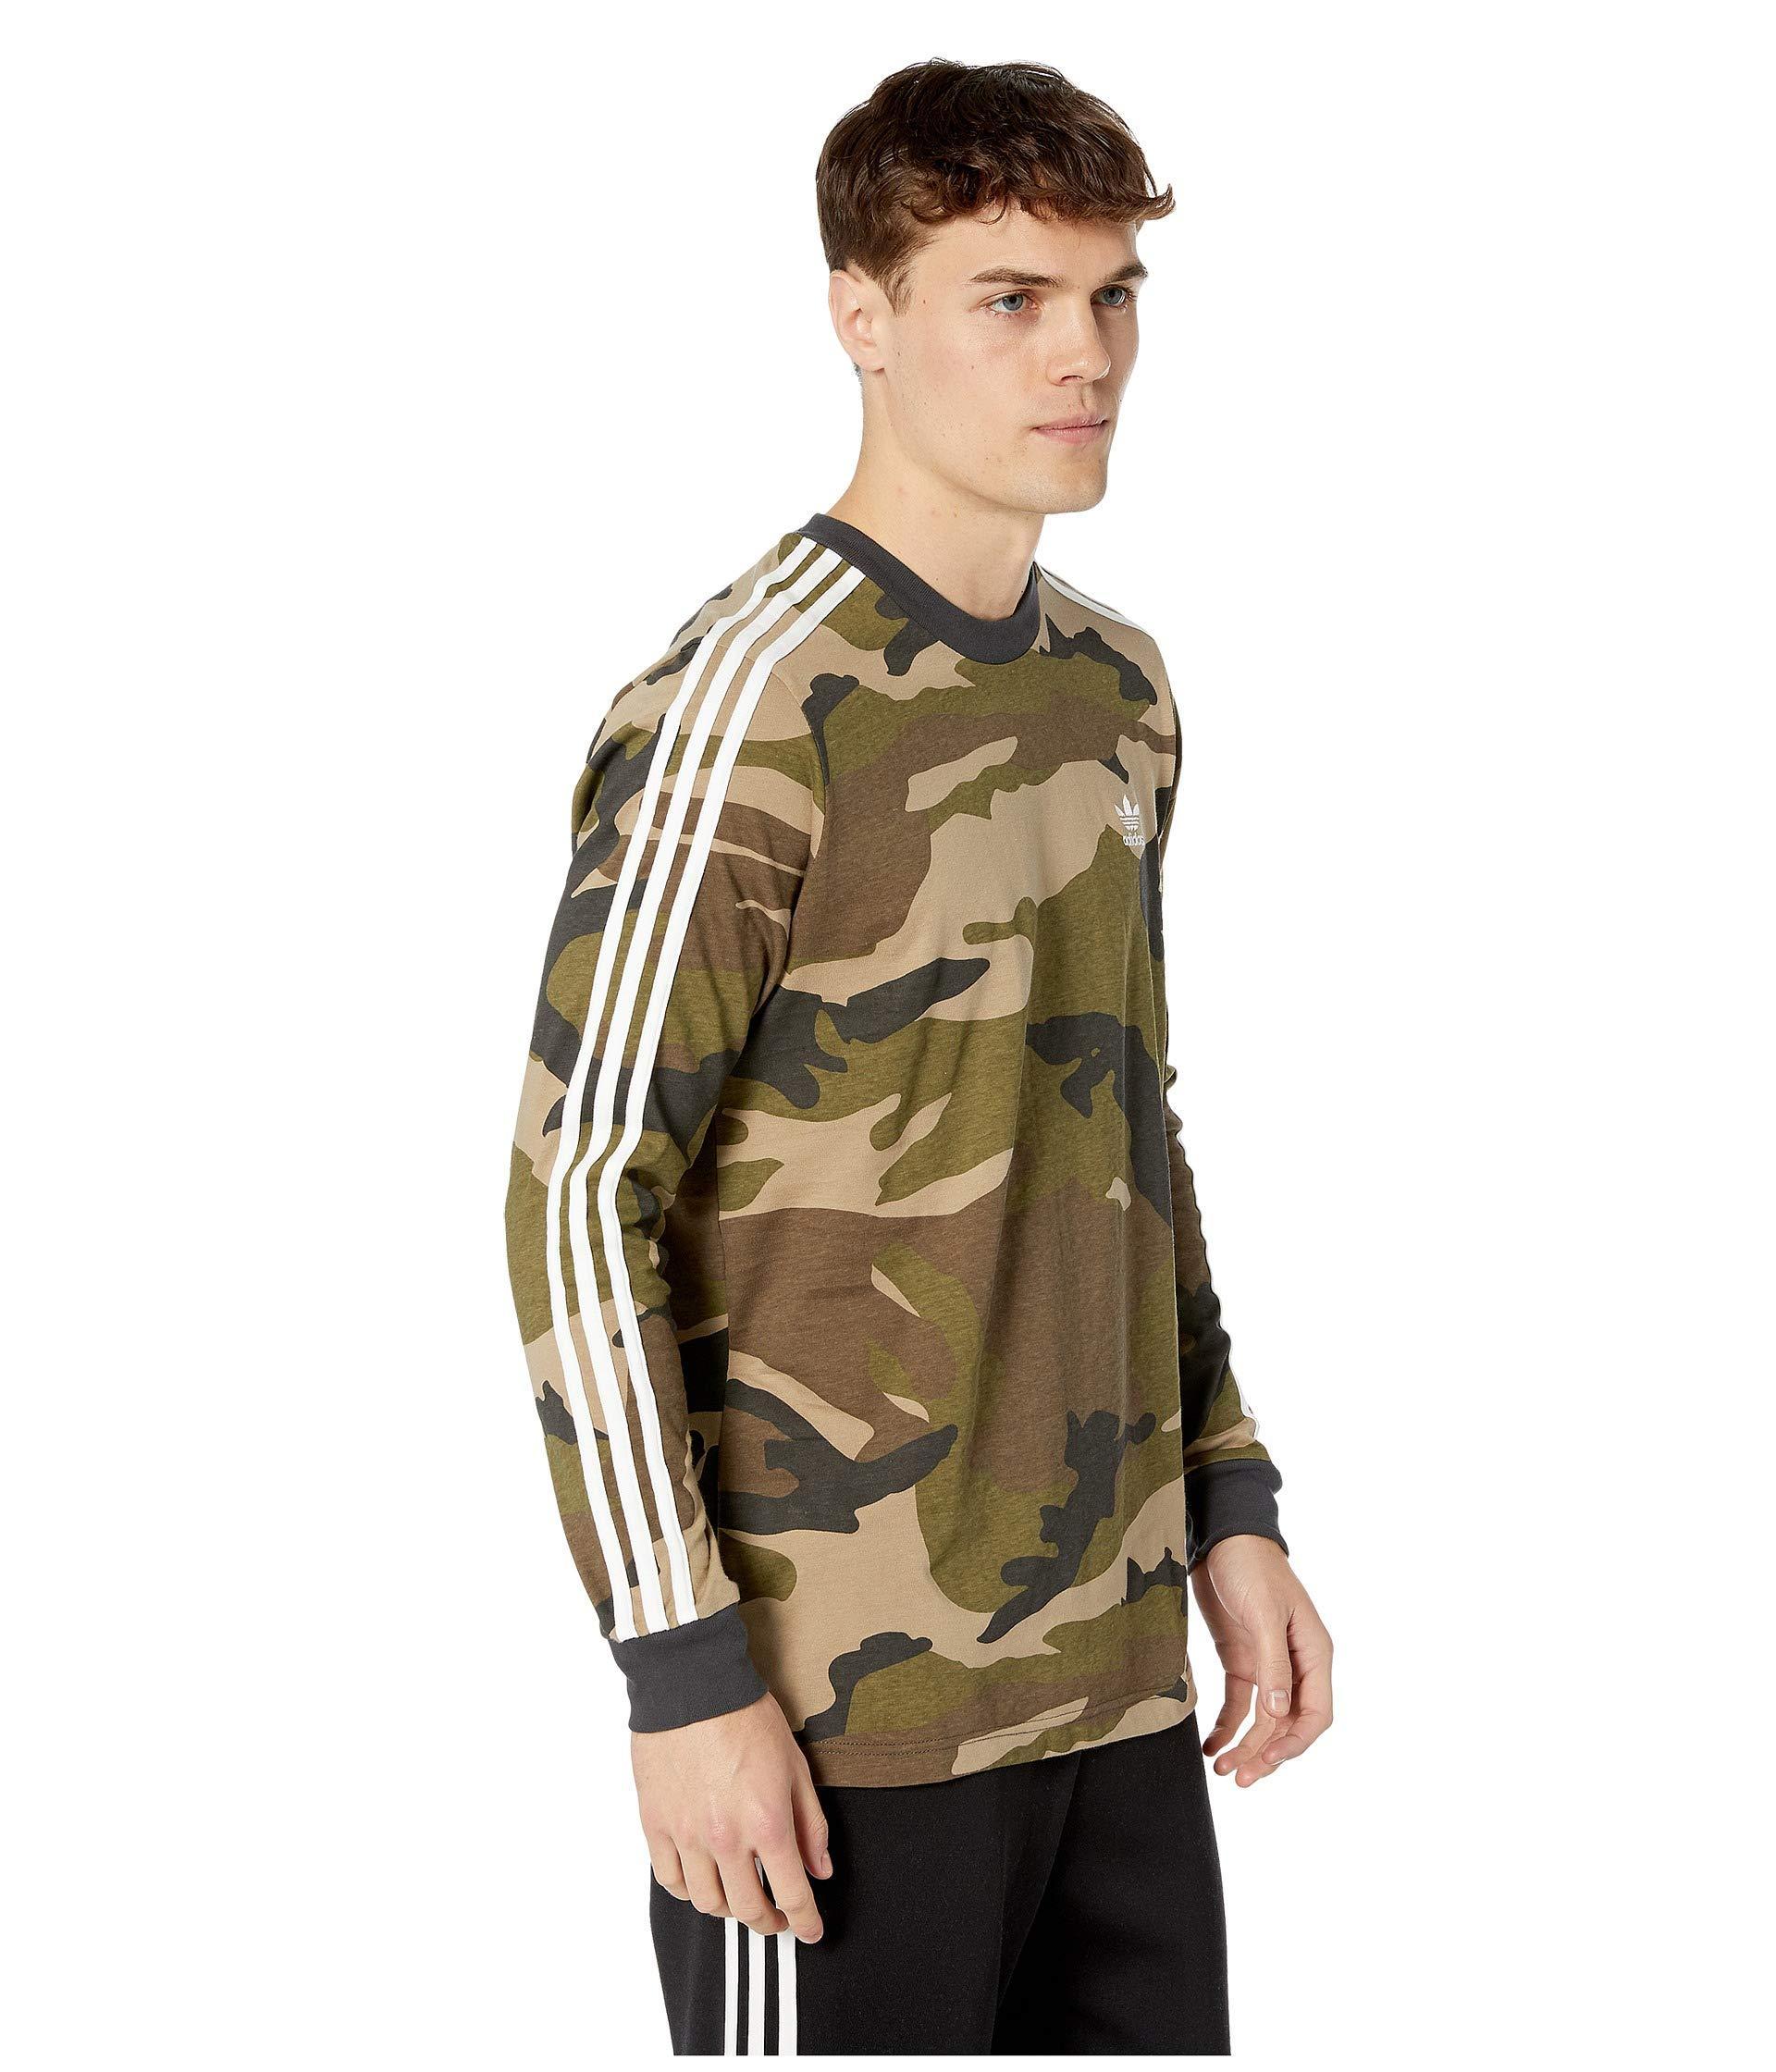 5ffff1b4a0493 adidas Originals Camo Long Sleeve Tee (multicolor/utility Black ...